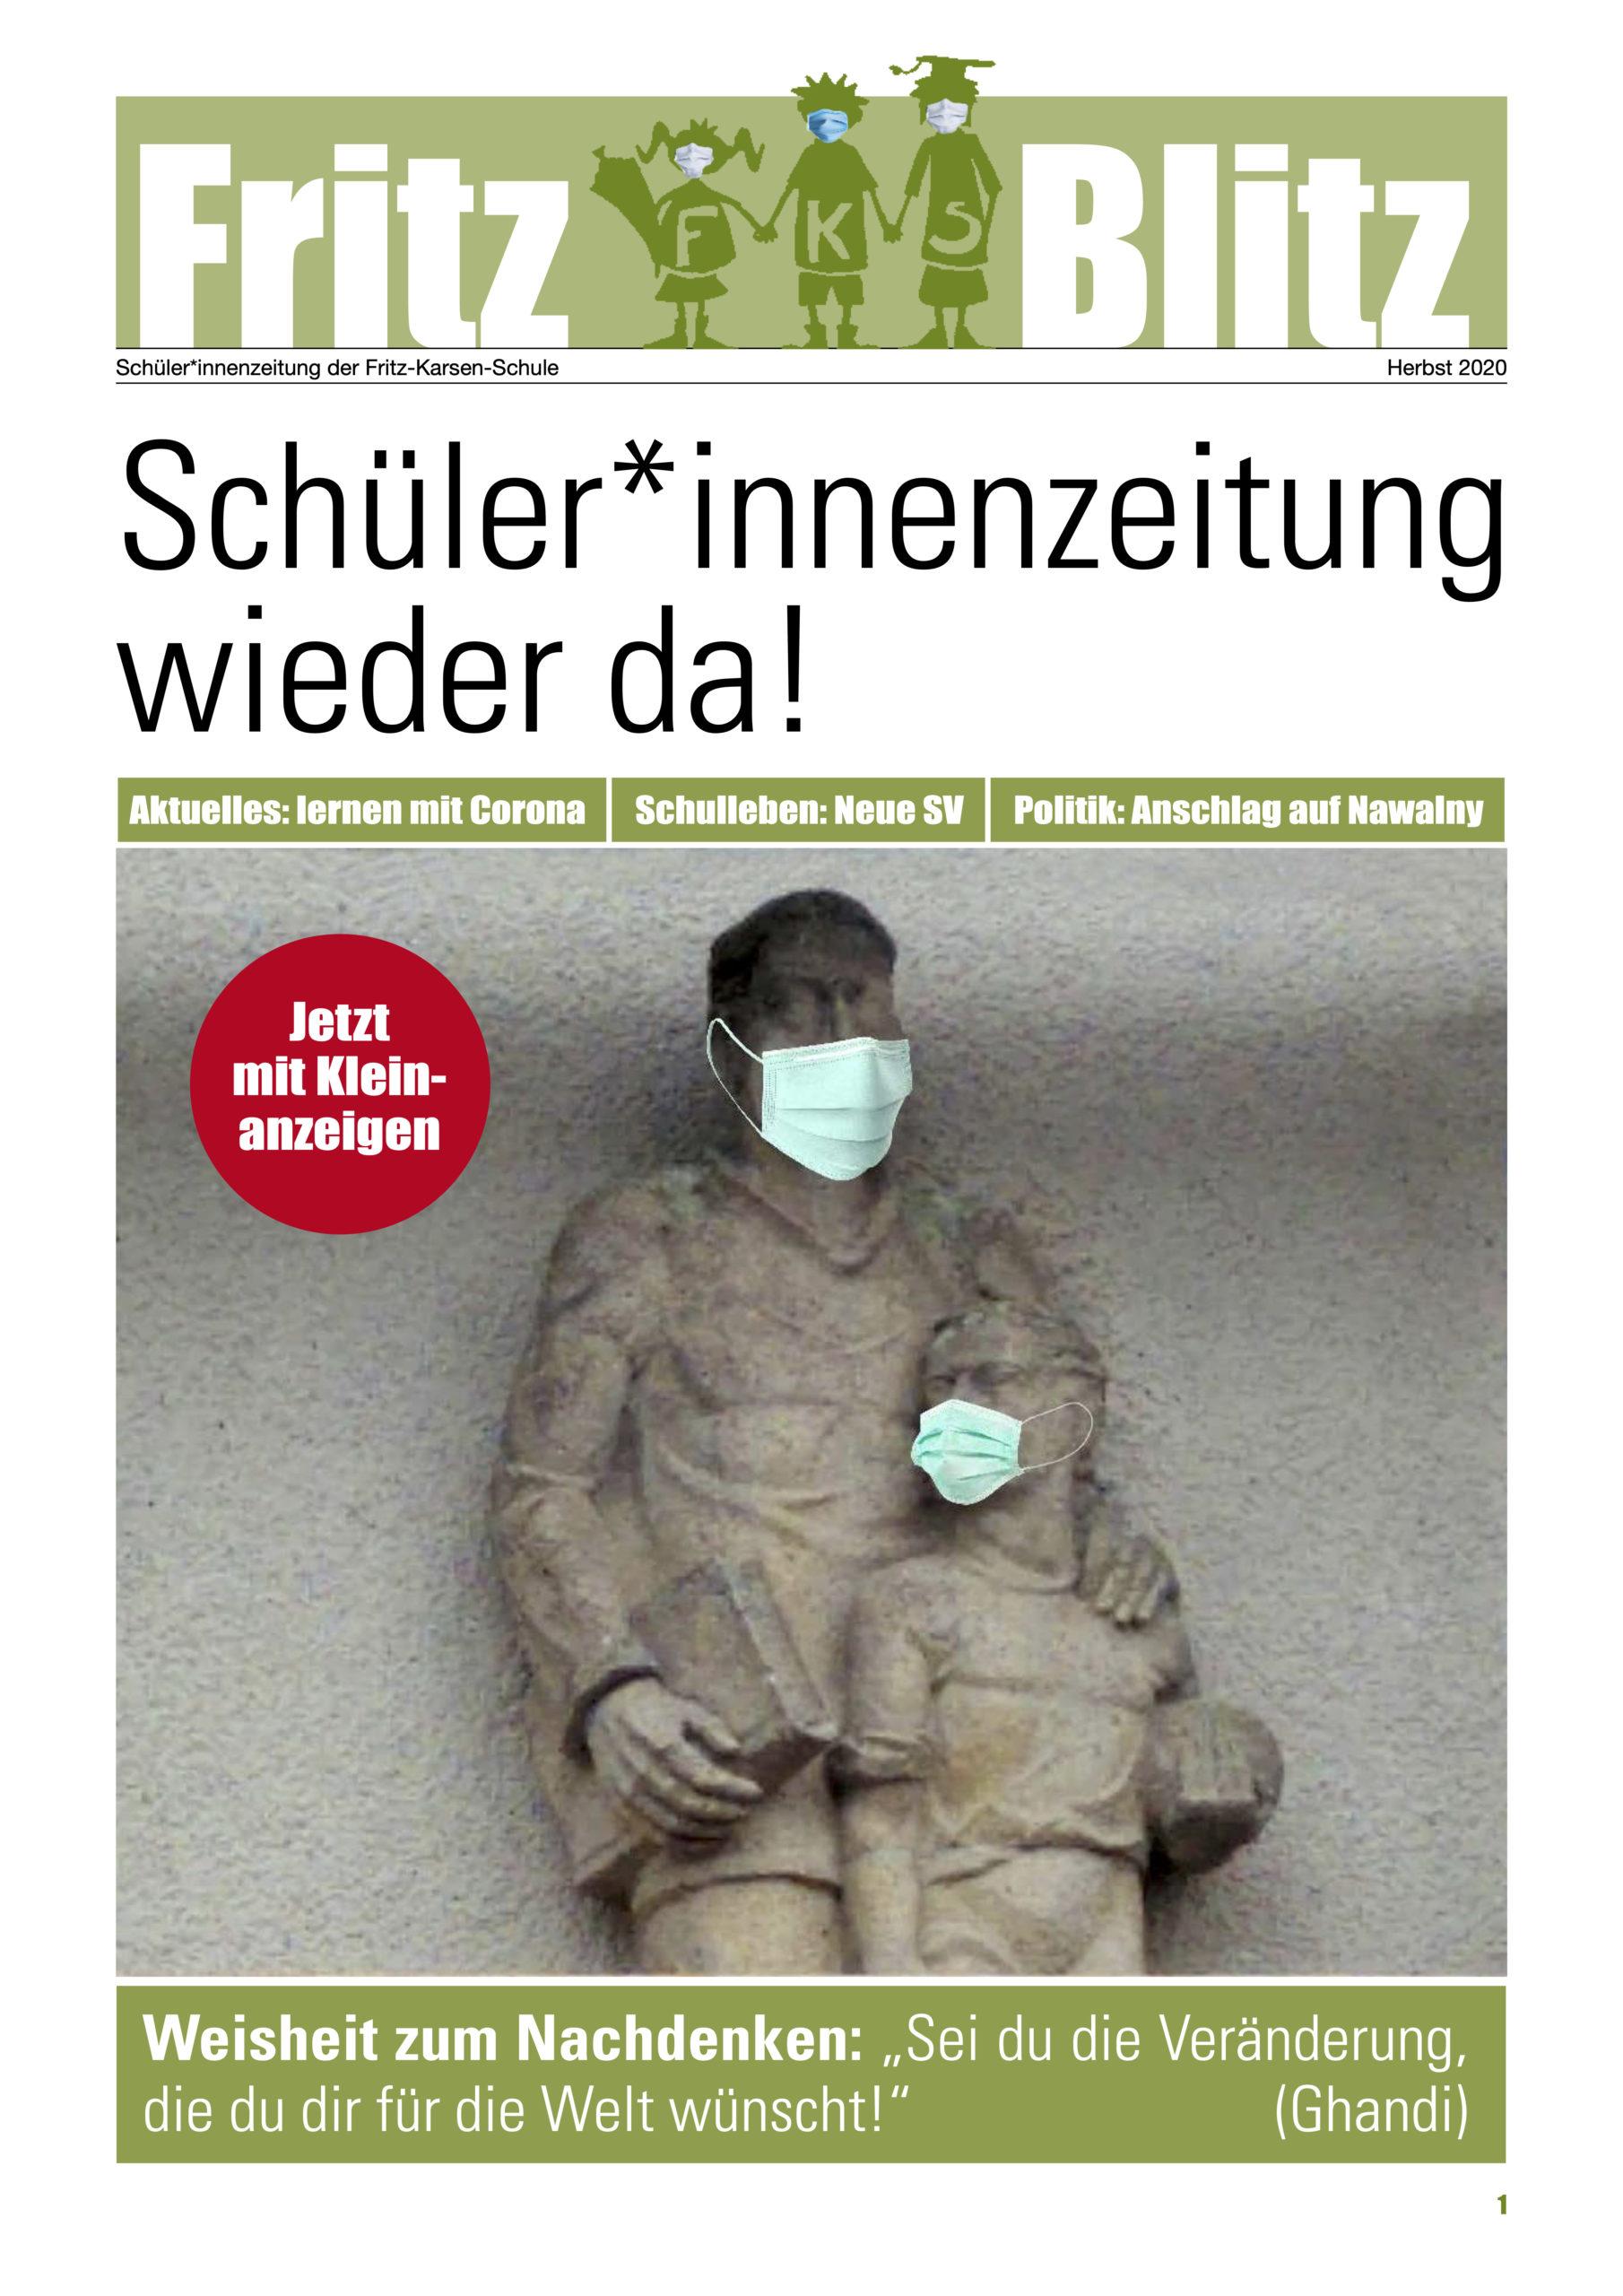 Fritz_Blitz_Nov_2020